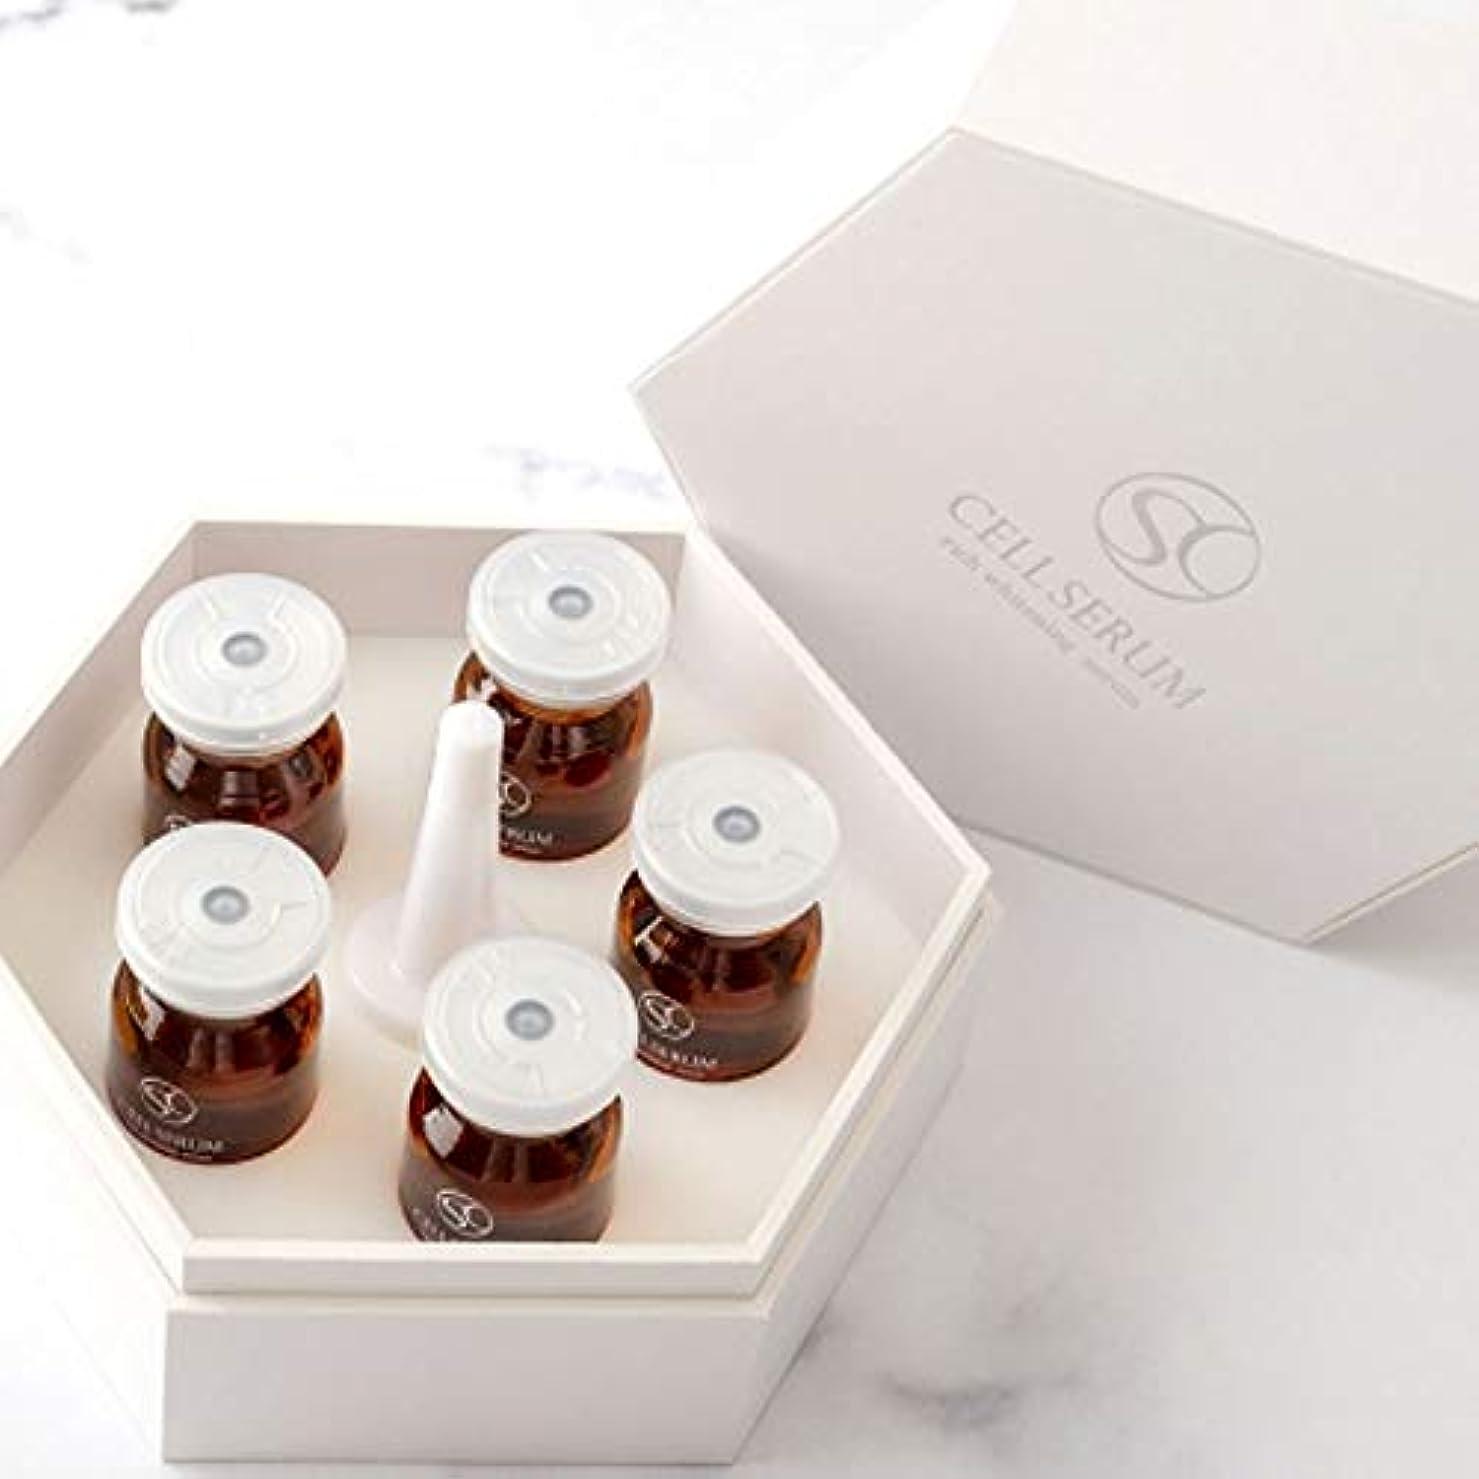 系統的ポーク公平セルセラム ヒト幹細胞美容液 5ml×5本入り Natura Salon サロン専売品